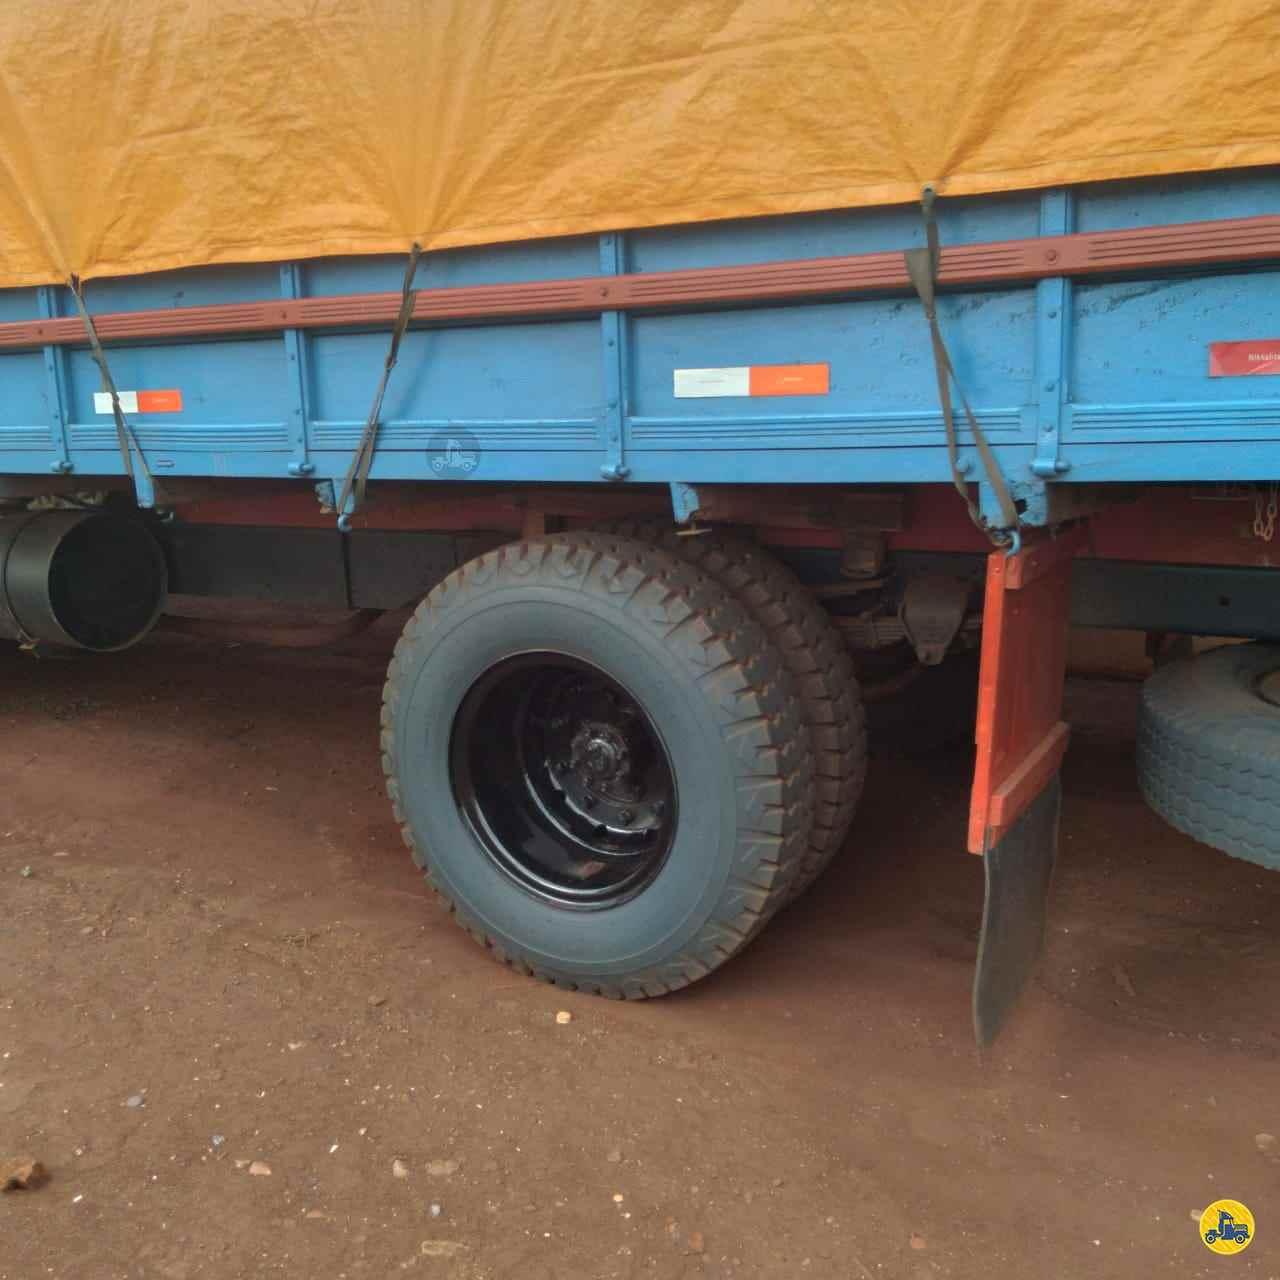 CAMINHAO GM D60 Carga Seca Toco 4x2 Mundial Caminhões e Carretas PALMITAL SÃO PAULO SP